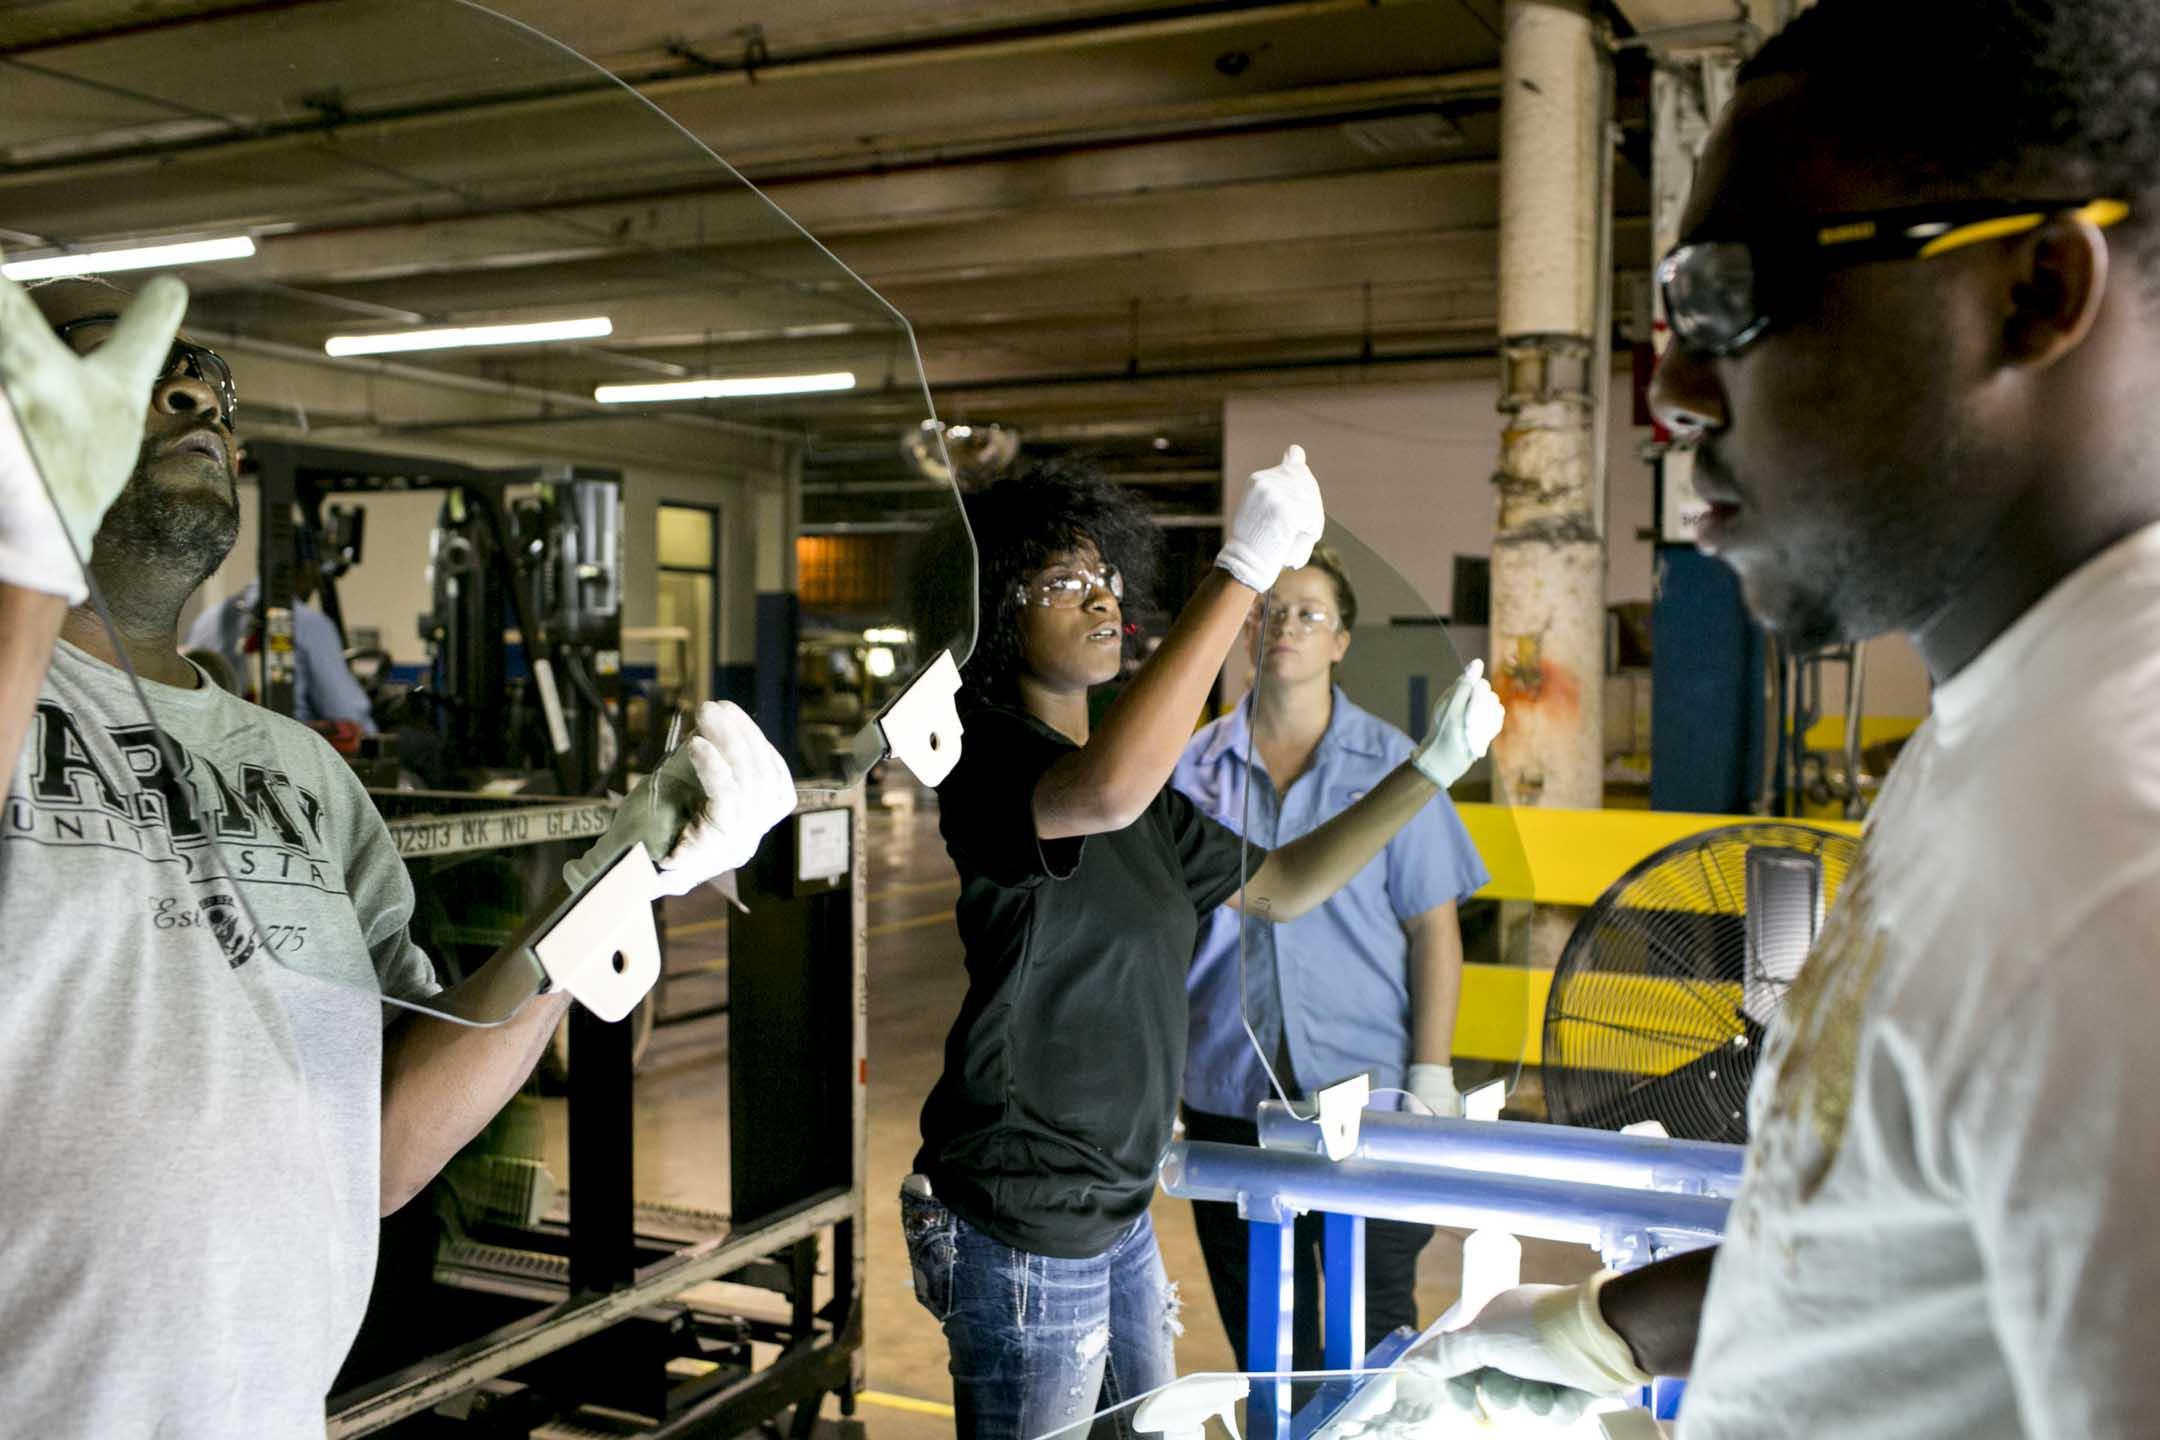 2016年,福耀在美國俄亥俄州投資6億美元設汽車玻璃廠的工程全面完工投產,然而其後連續發生與當地工會和政府的衝突,有關這內容的紀錄片《美國工廠》於2019年上映。 攝:Andrew Spear for The Washington Post via Getty Images